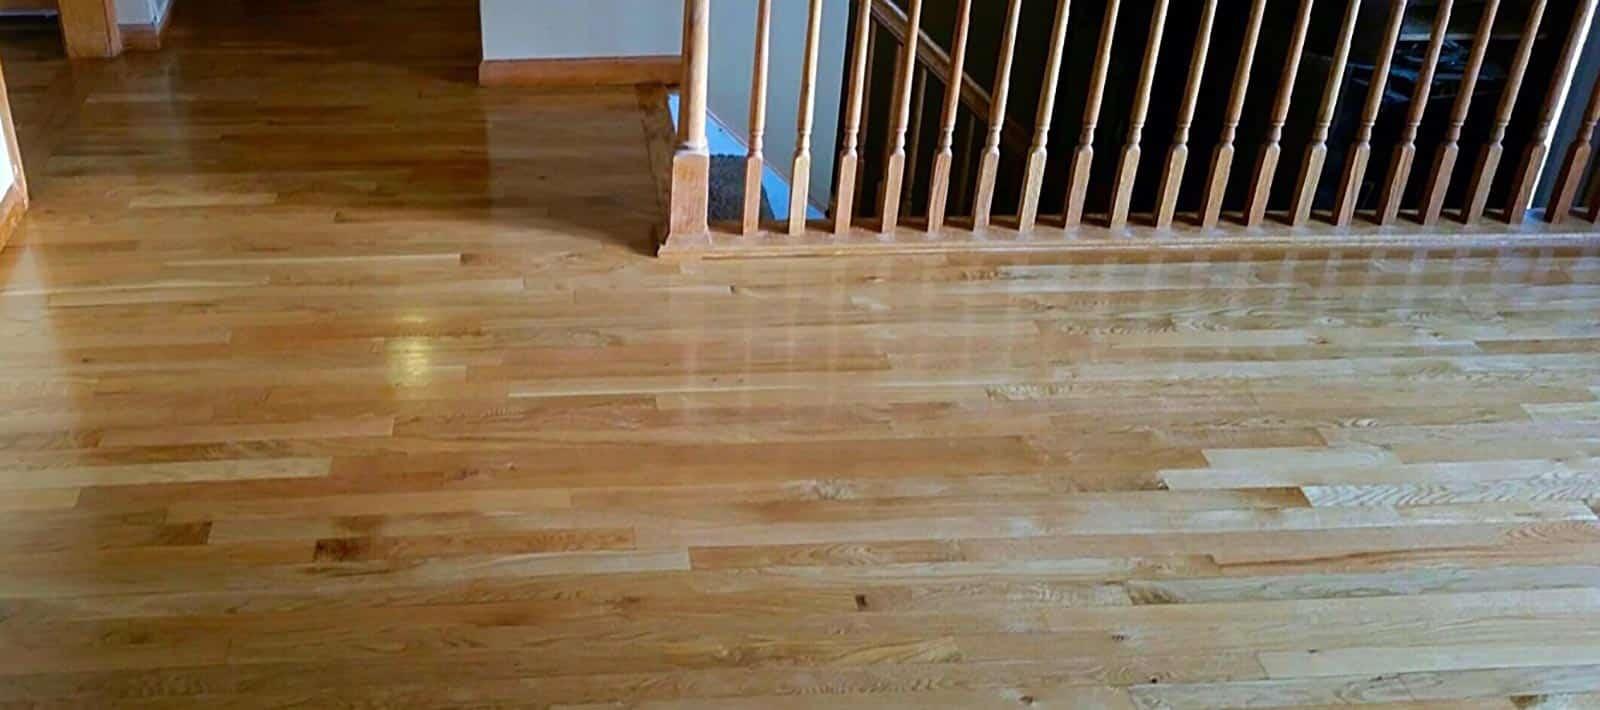 About Hardwood Floor Installation